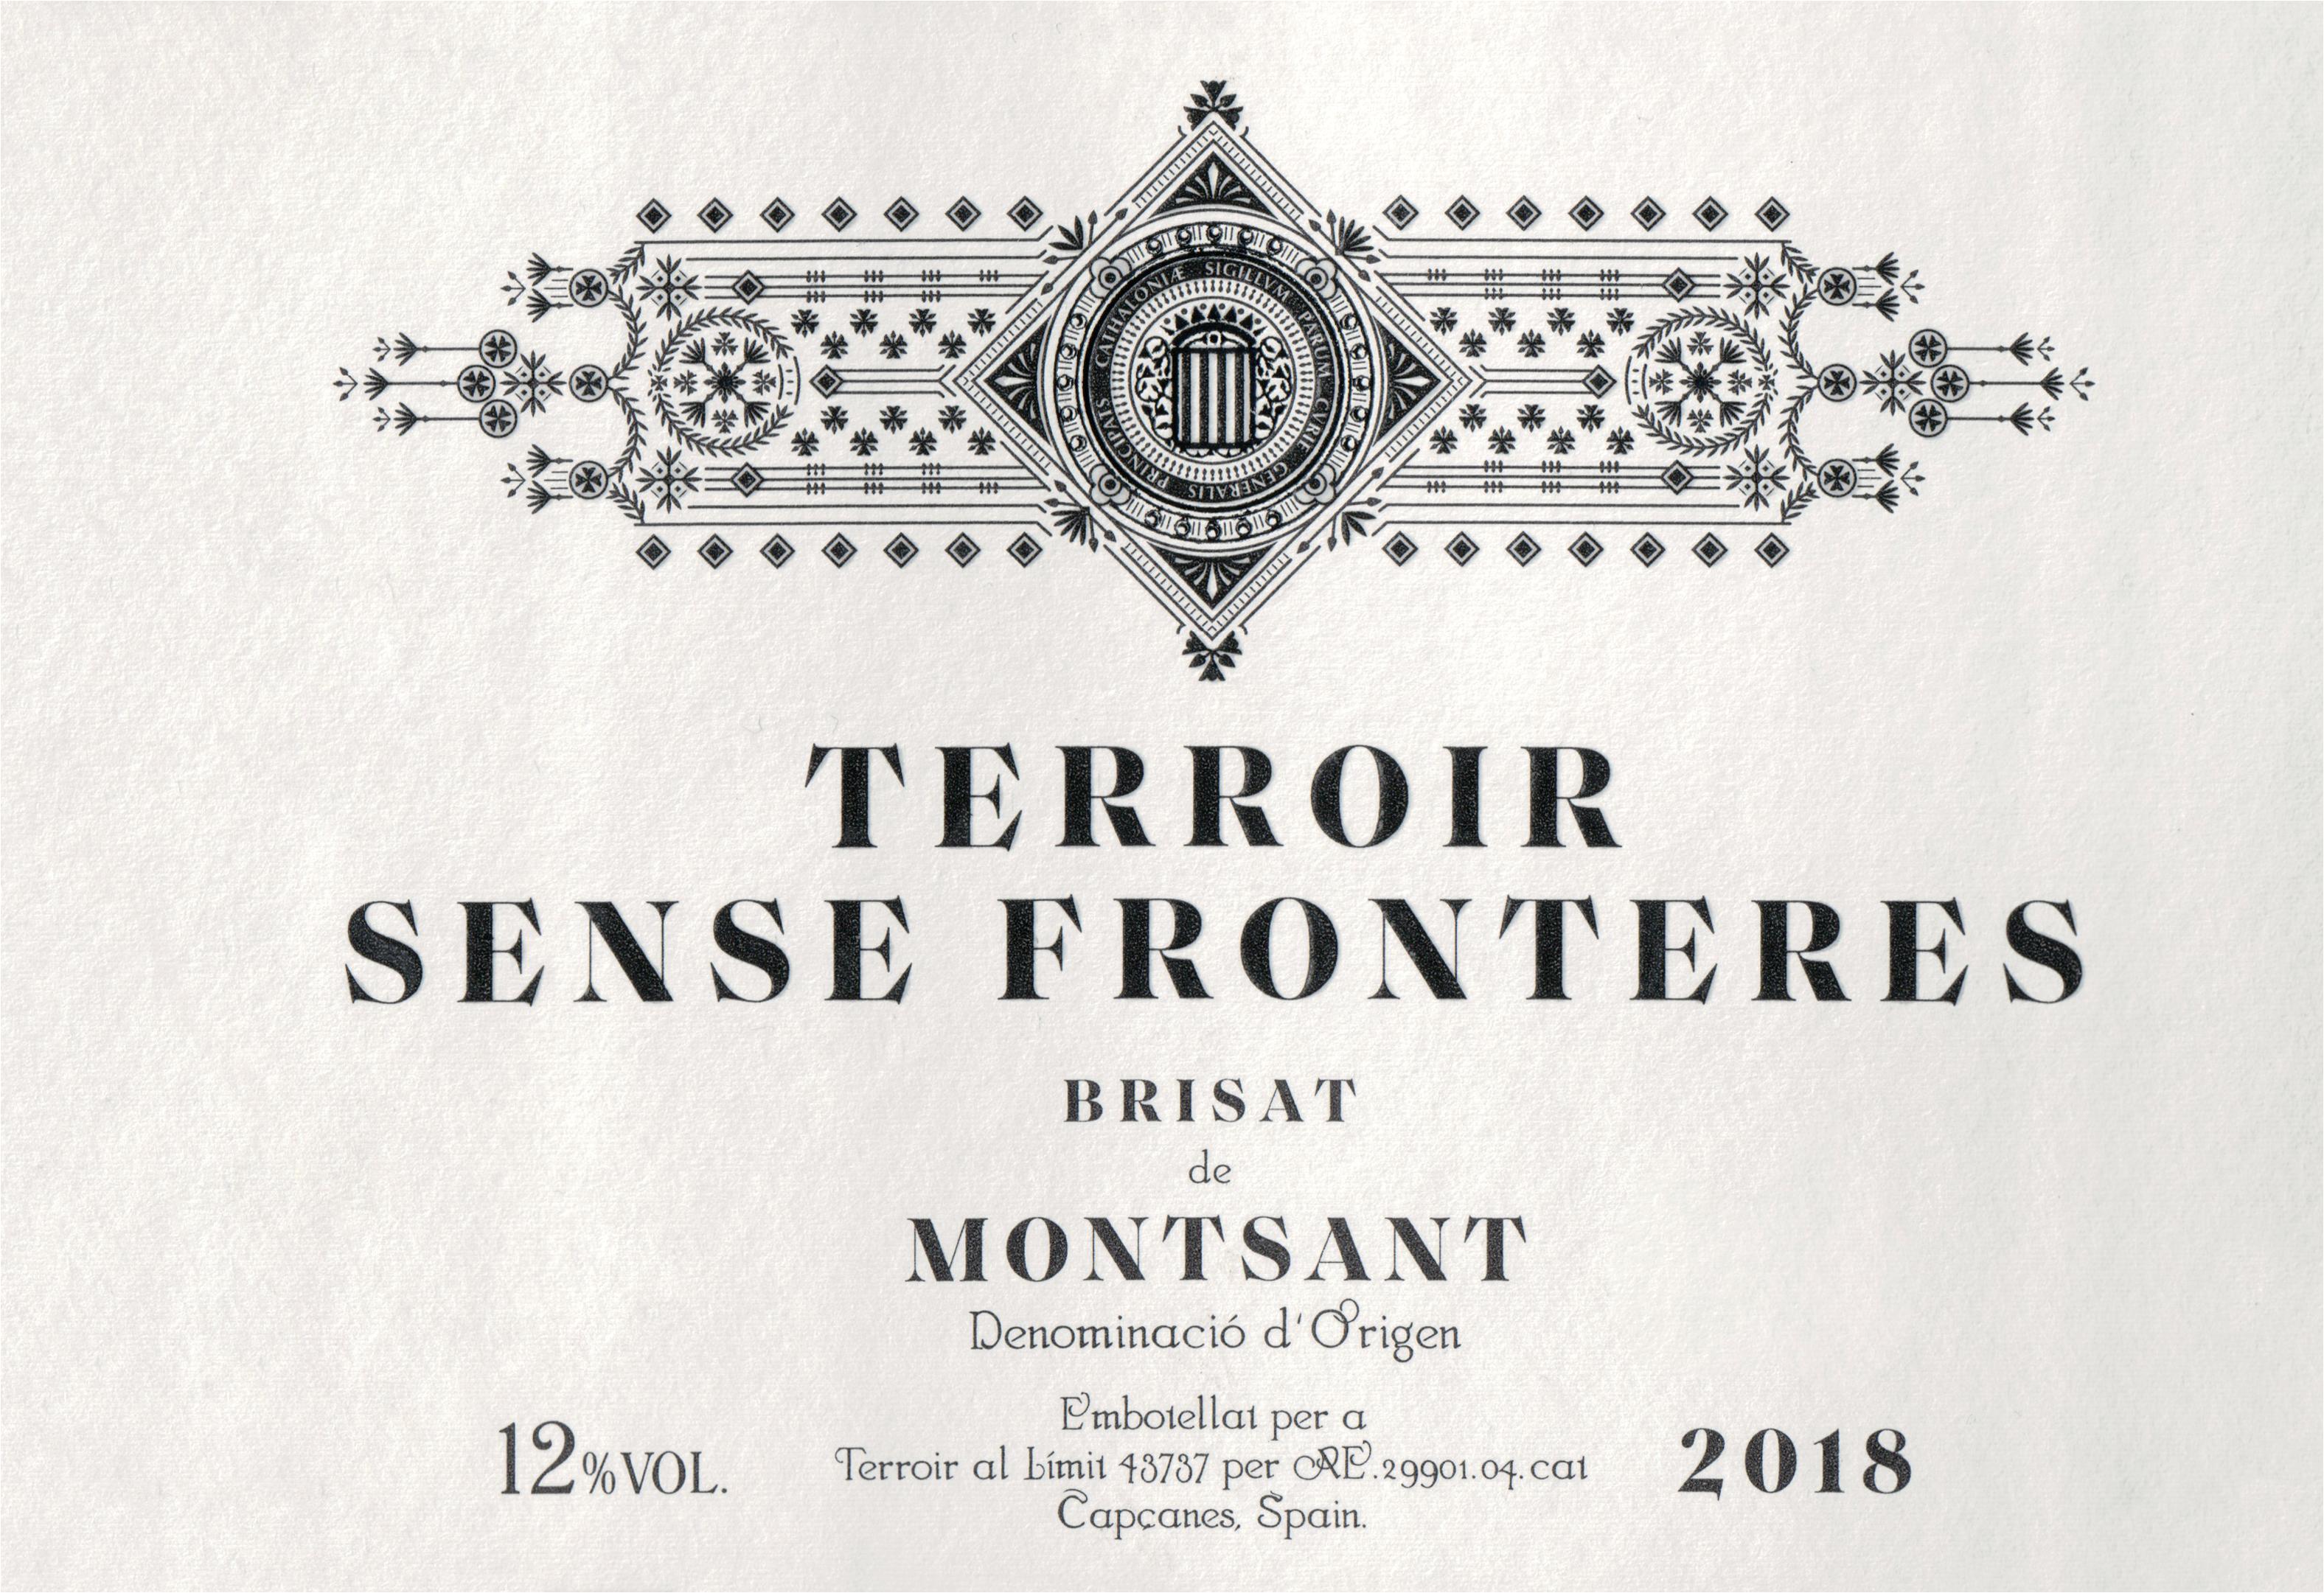 Terroir Sense Fronteres Birsat De Montsant 2018